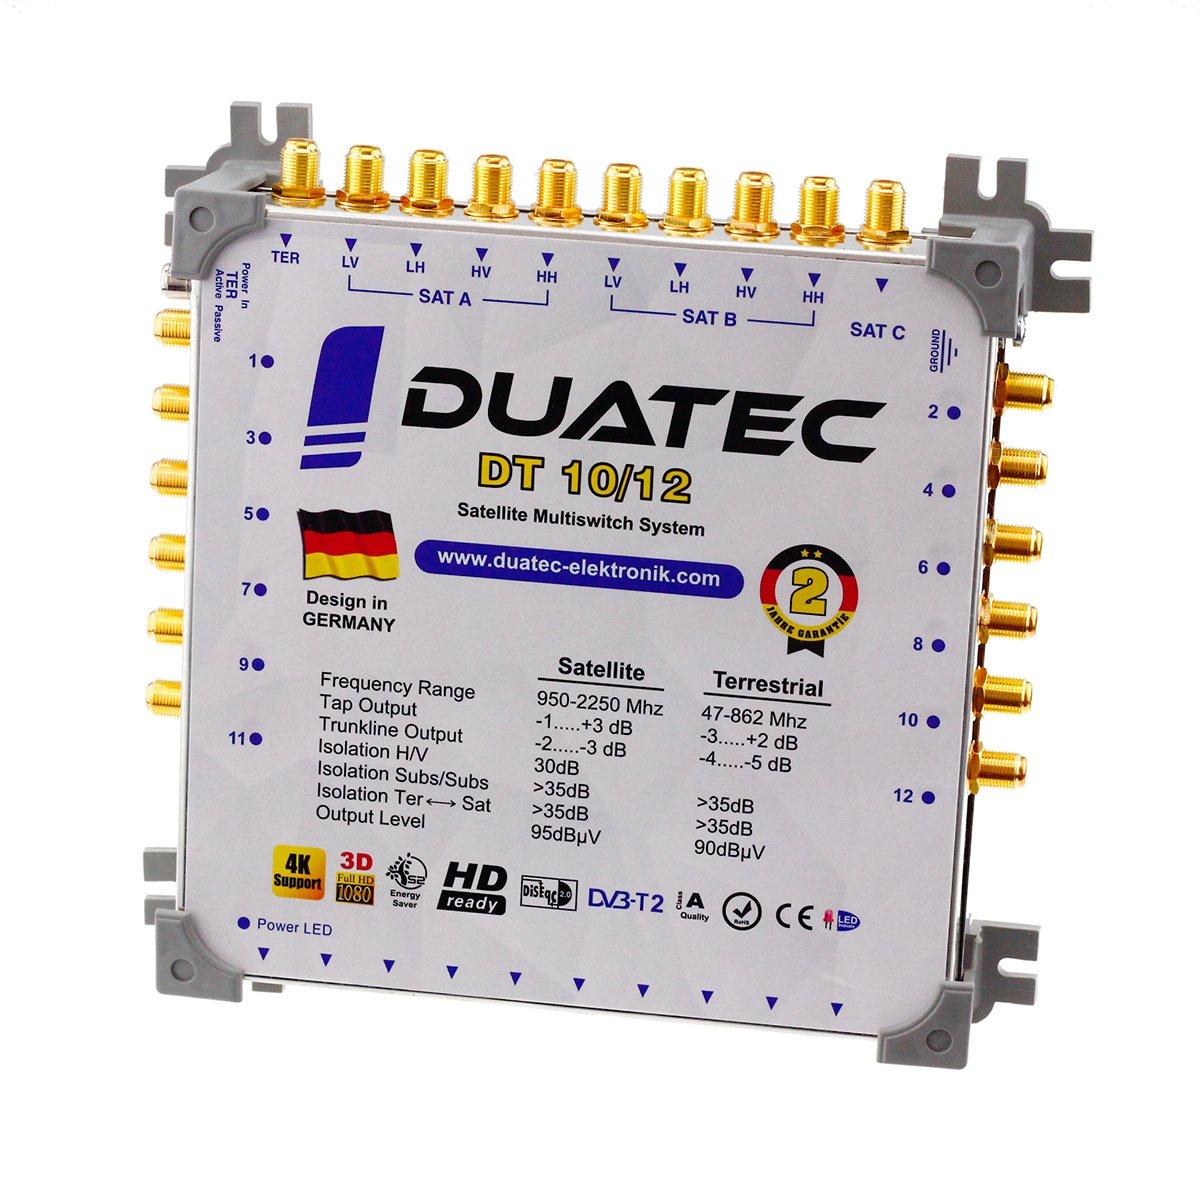 Duatec Multischalter 9//12 Switch Full HD 3D 4K UHD 12 Teilnehmer SAT Verteiler